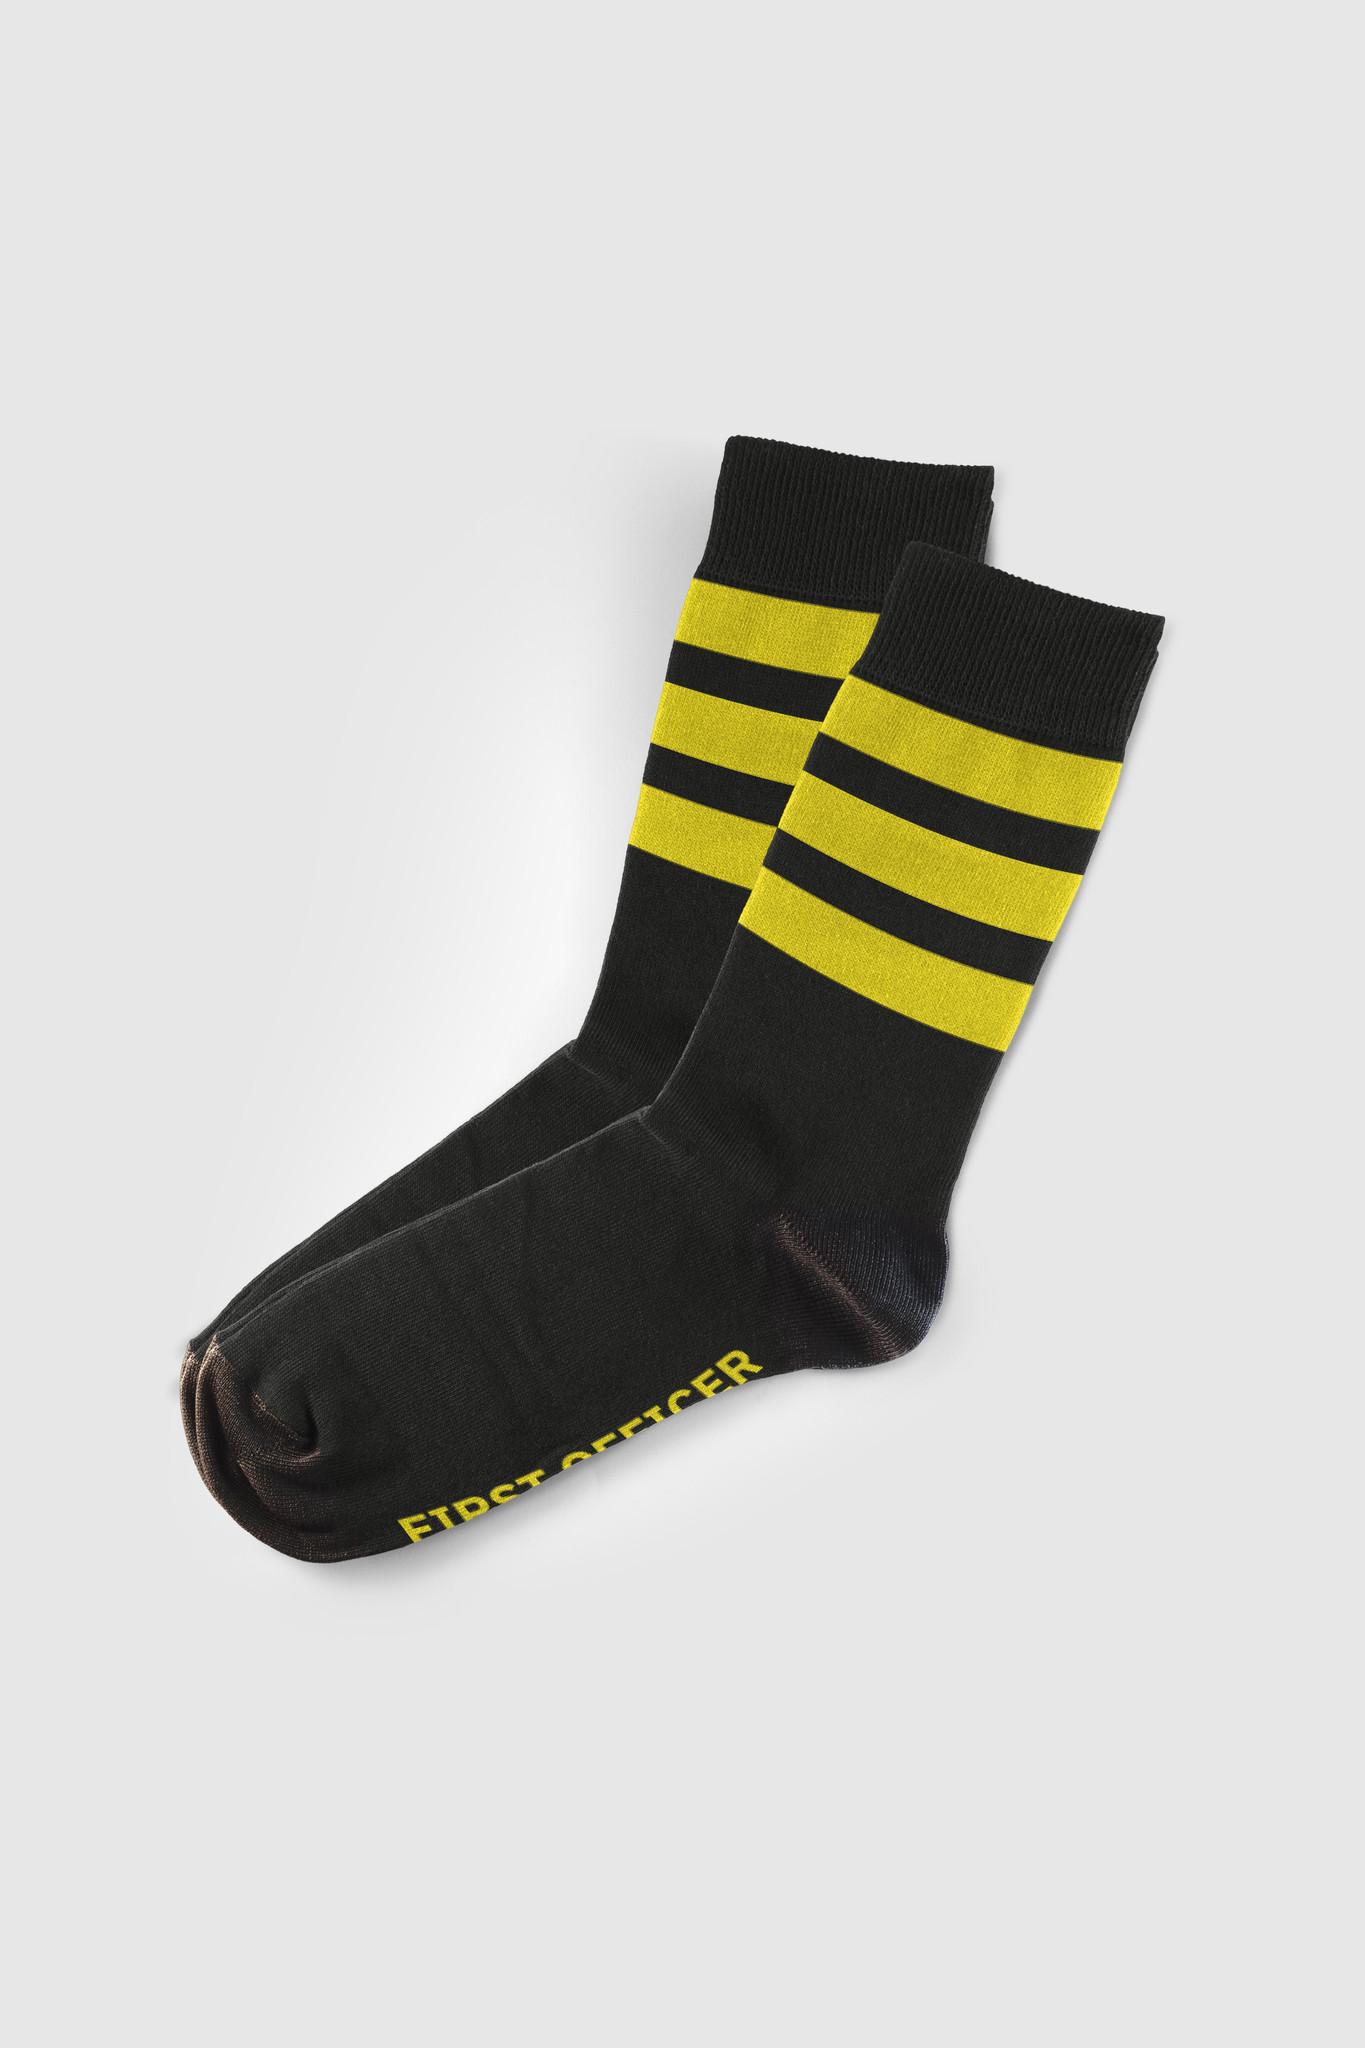 Air Socks Socken First Officer